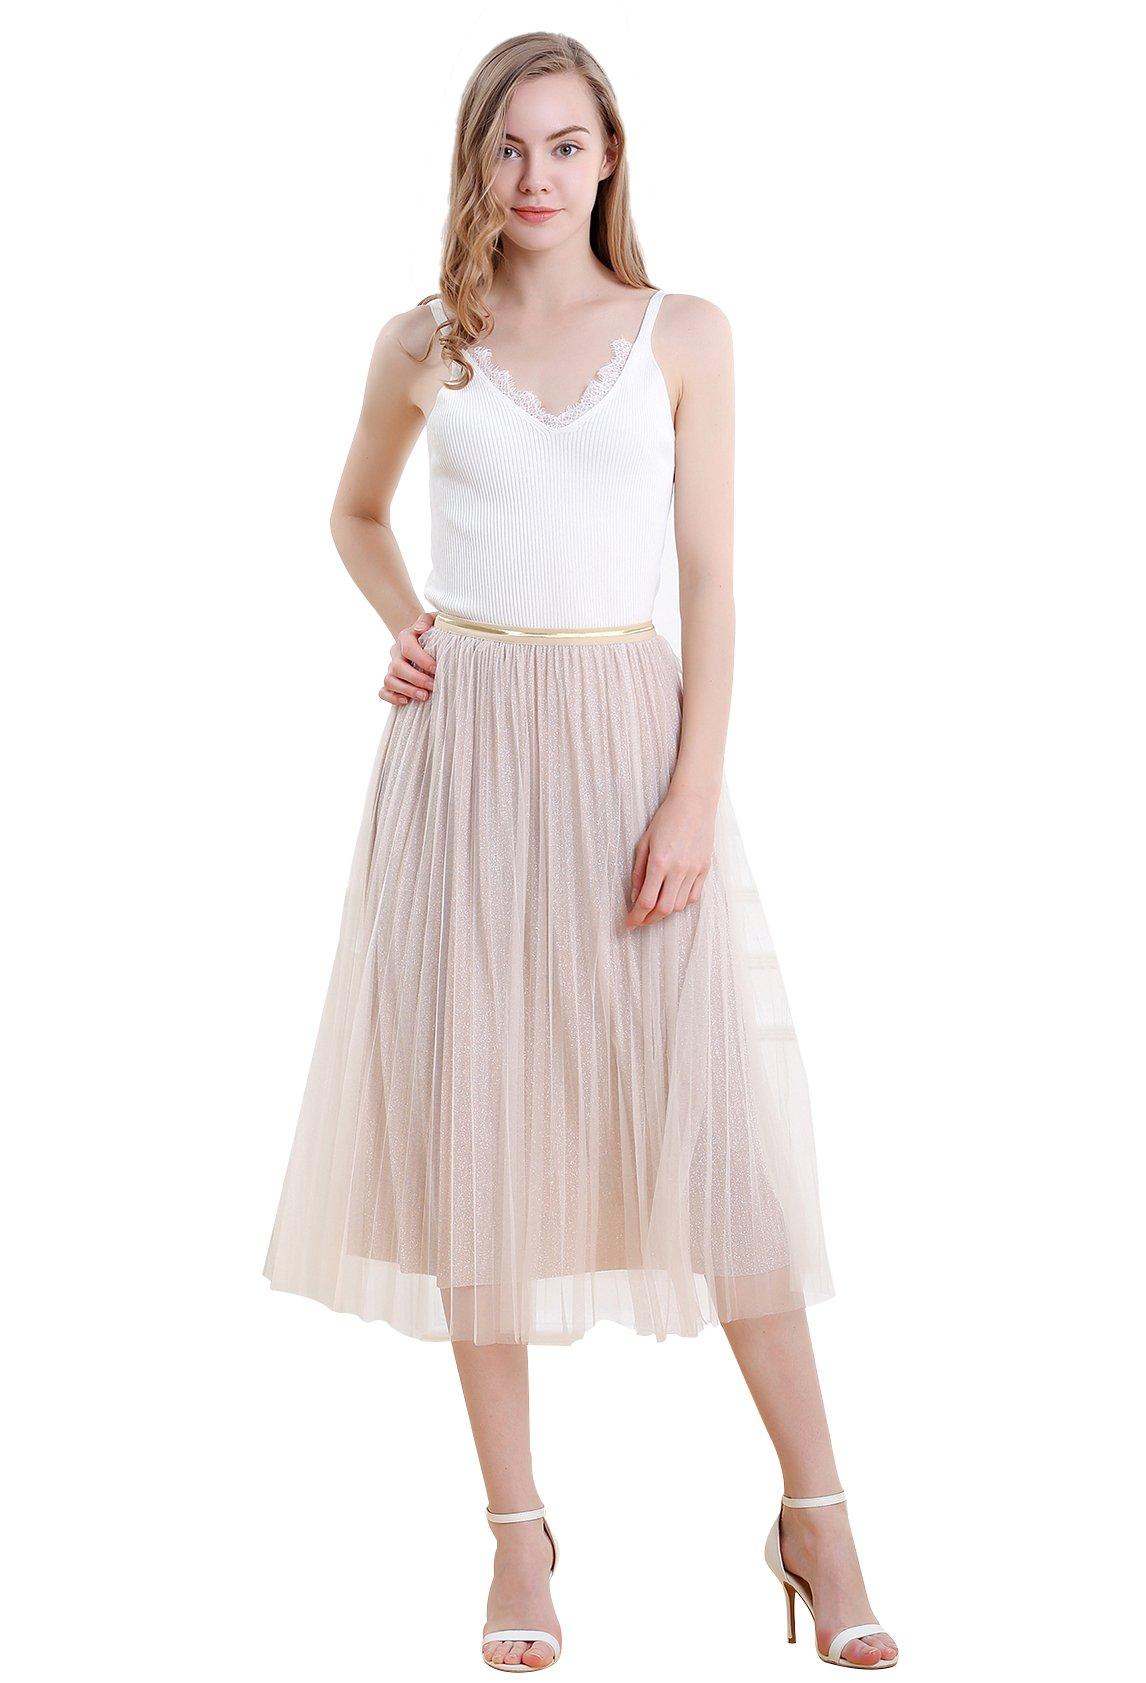 Vero Viva Women Summer Tulle Mesh Bling Bling Elastic High Waist Skirt Half Dress Pink